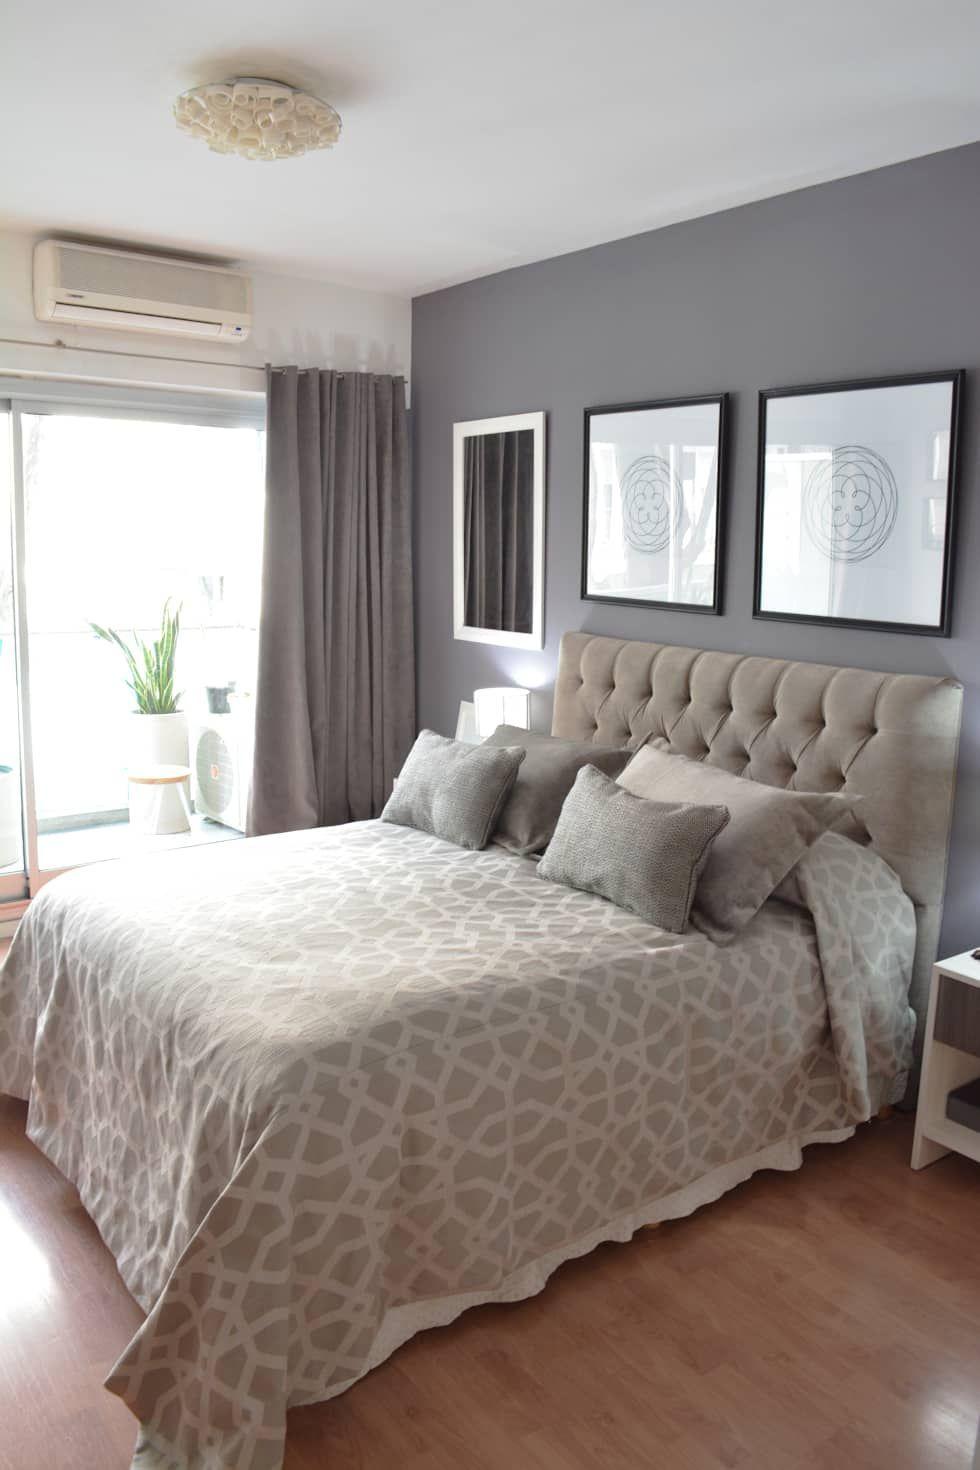 Dormitorio moderno dormitorios de estilo moderno por for Ejemplo de dormitorio deco